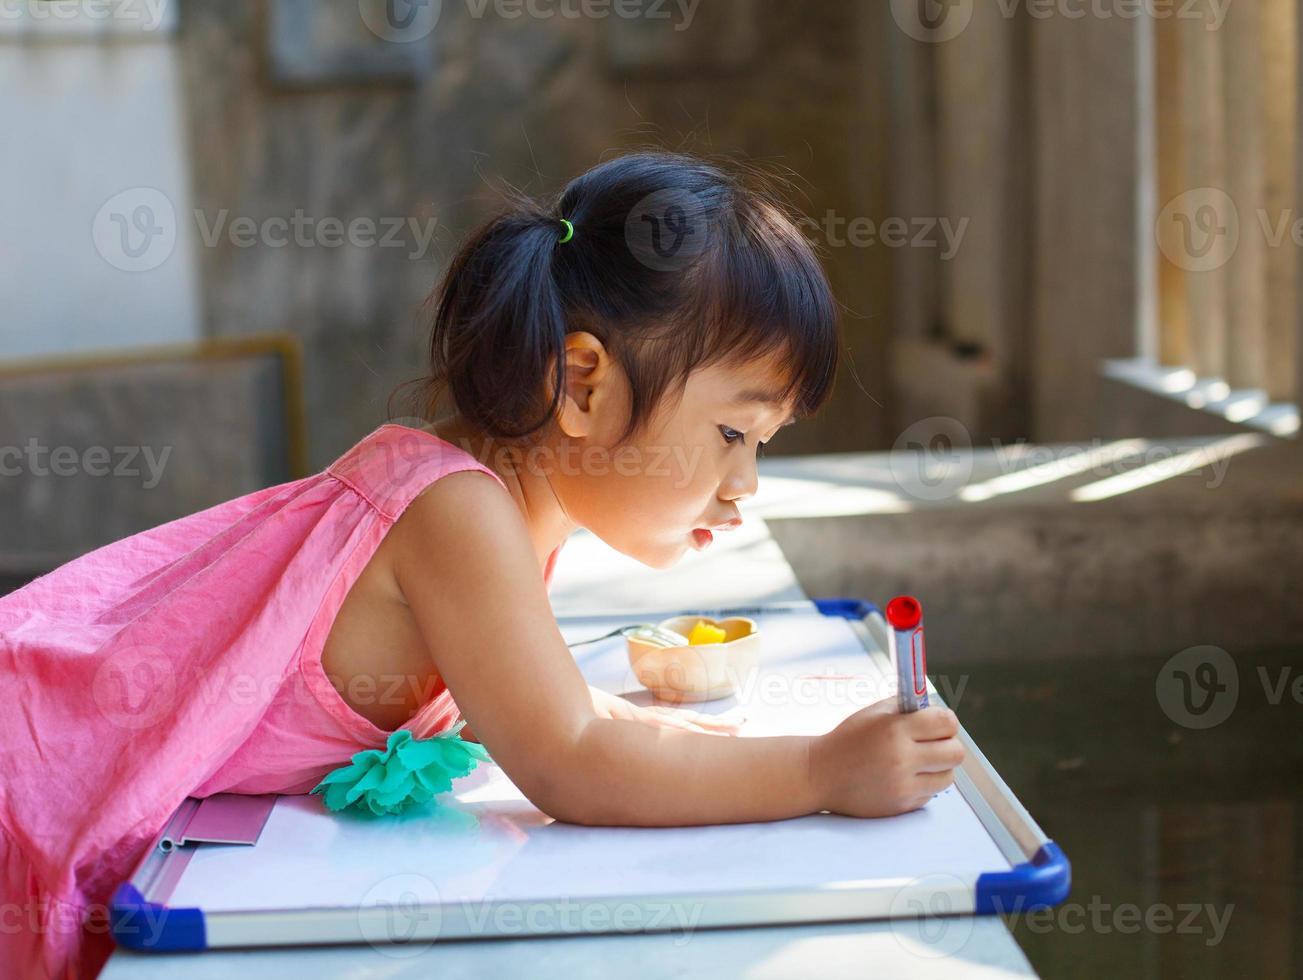 Kinder üben das Schreiben, bevor sie zur Schule gehen foto